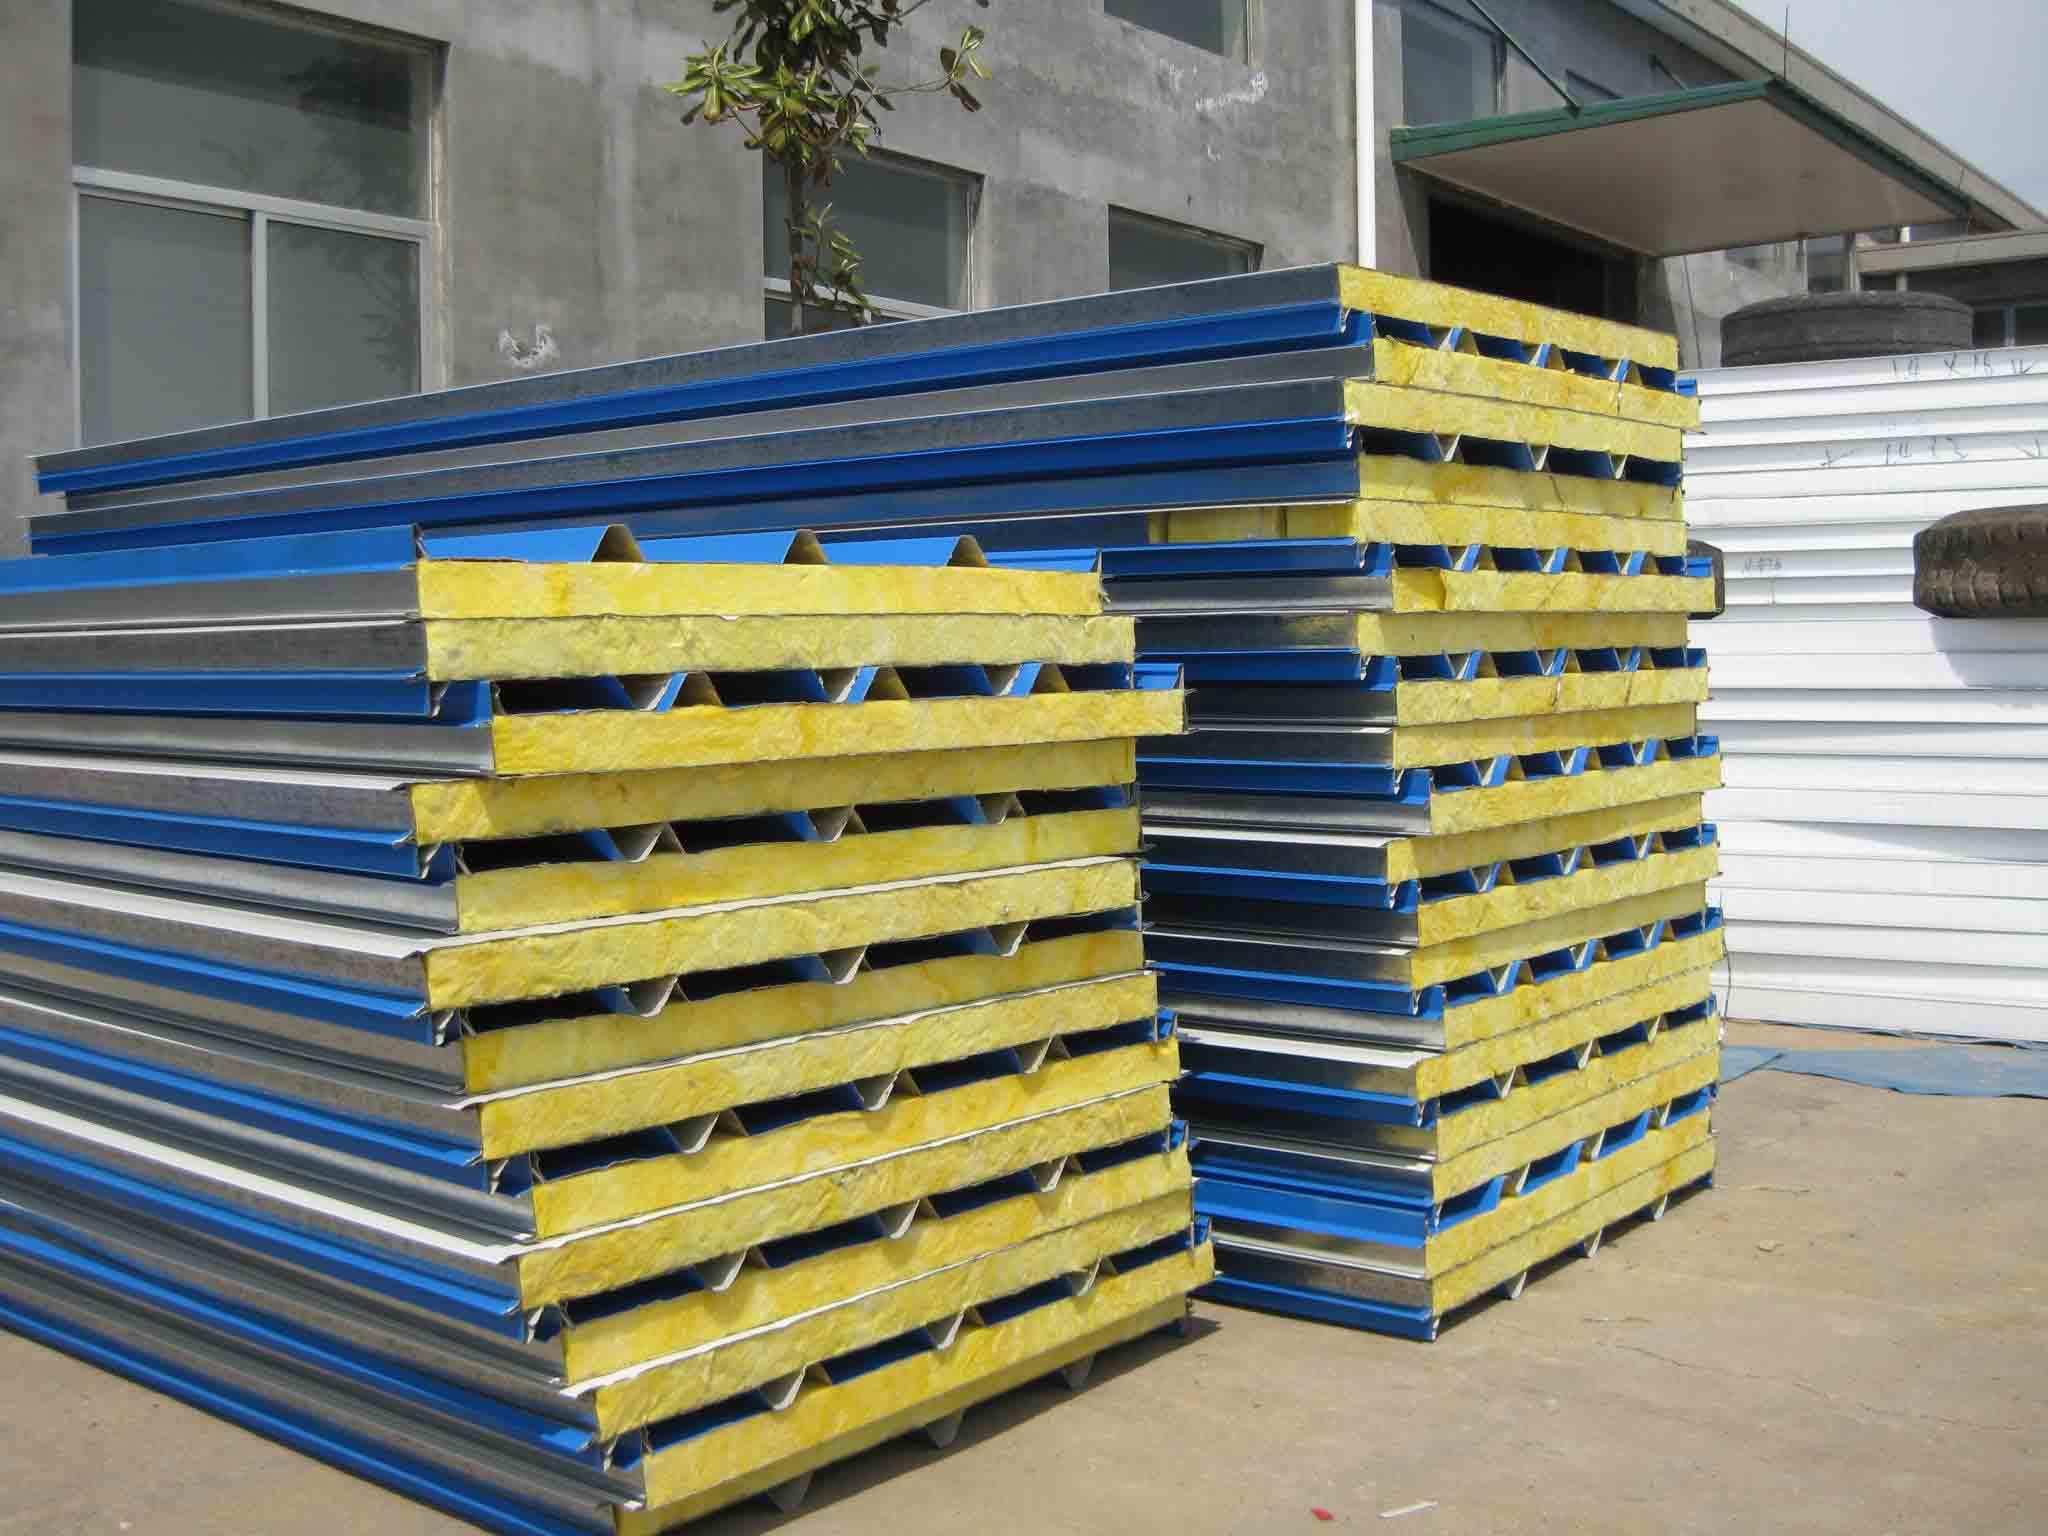 银川玻璃棉岩棉板-银川提供价格适中的银川玻璃棉岩棉板